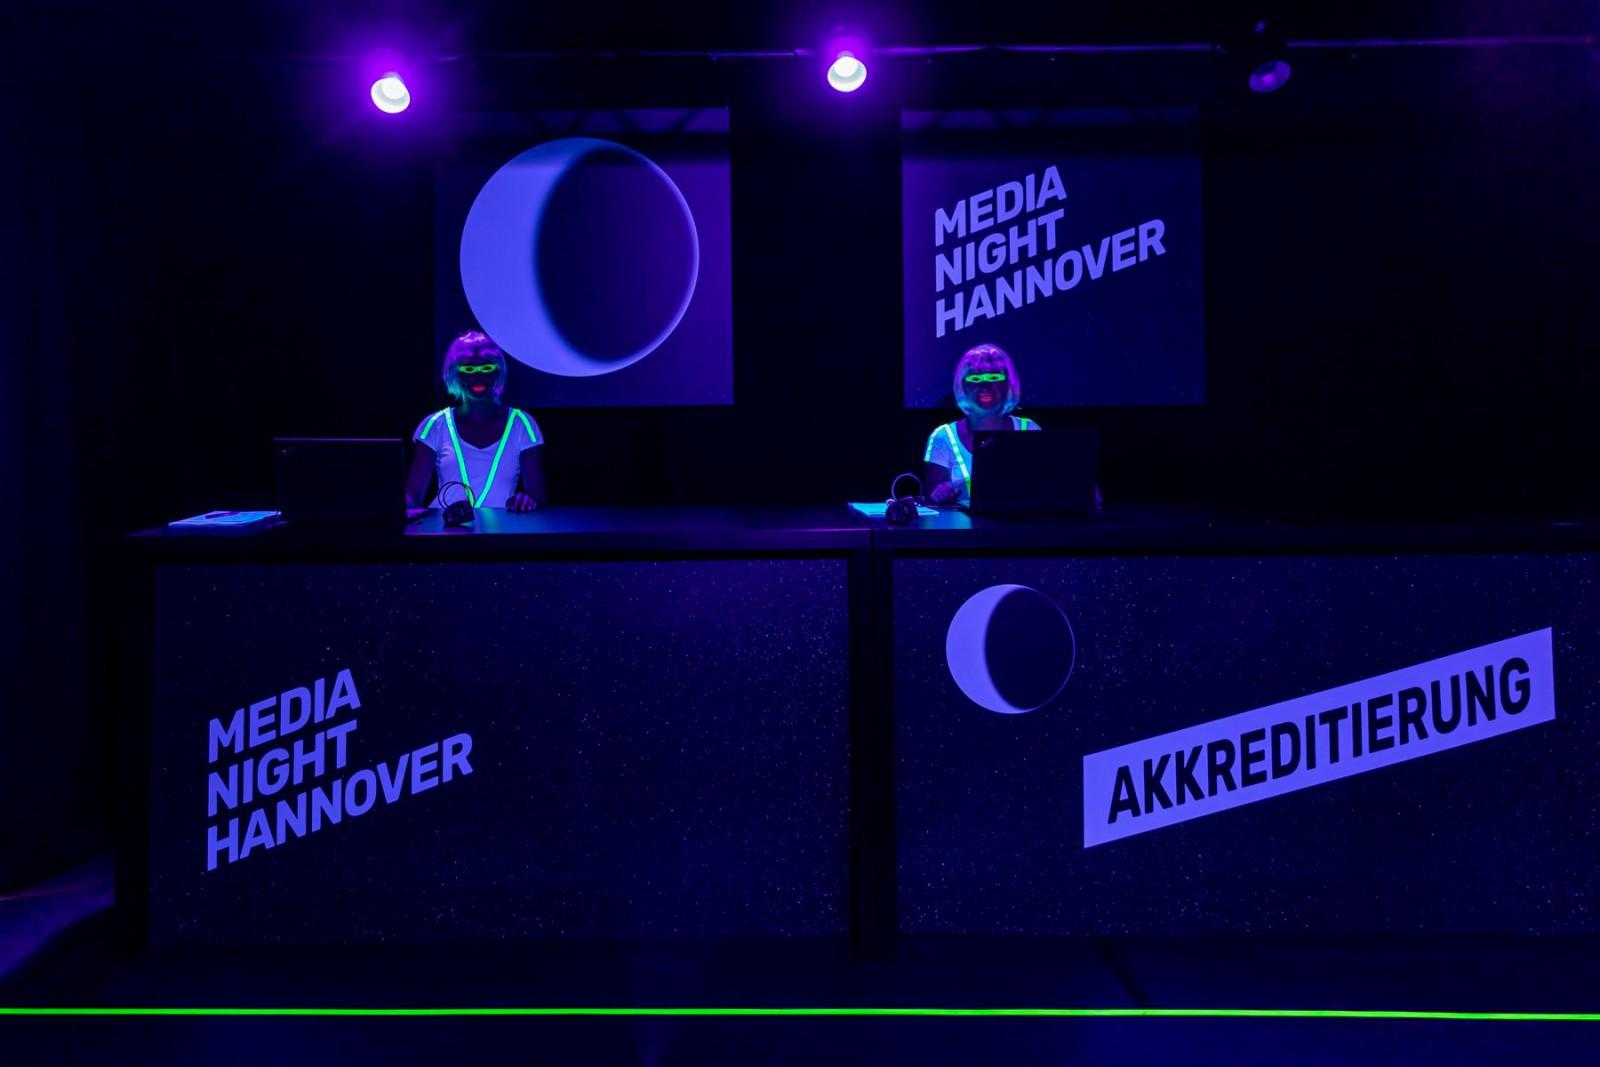 Media Night Hannover 2016